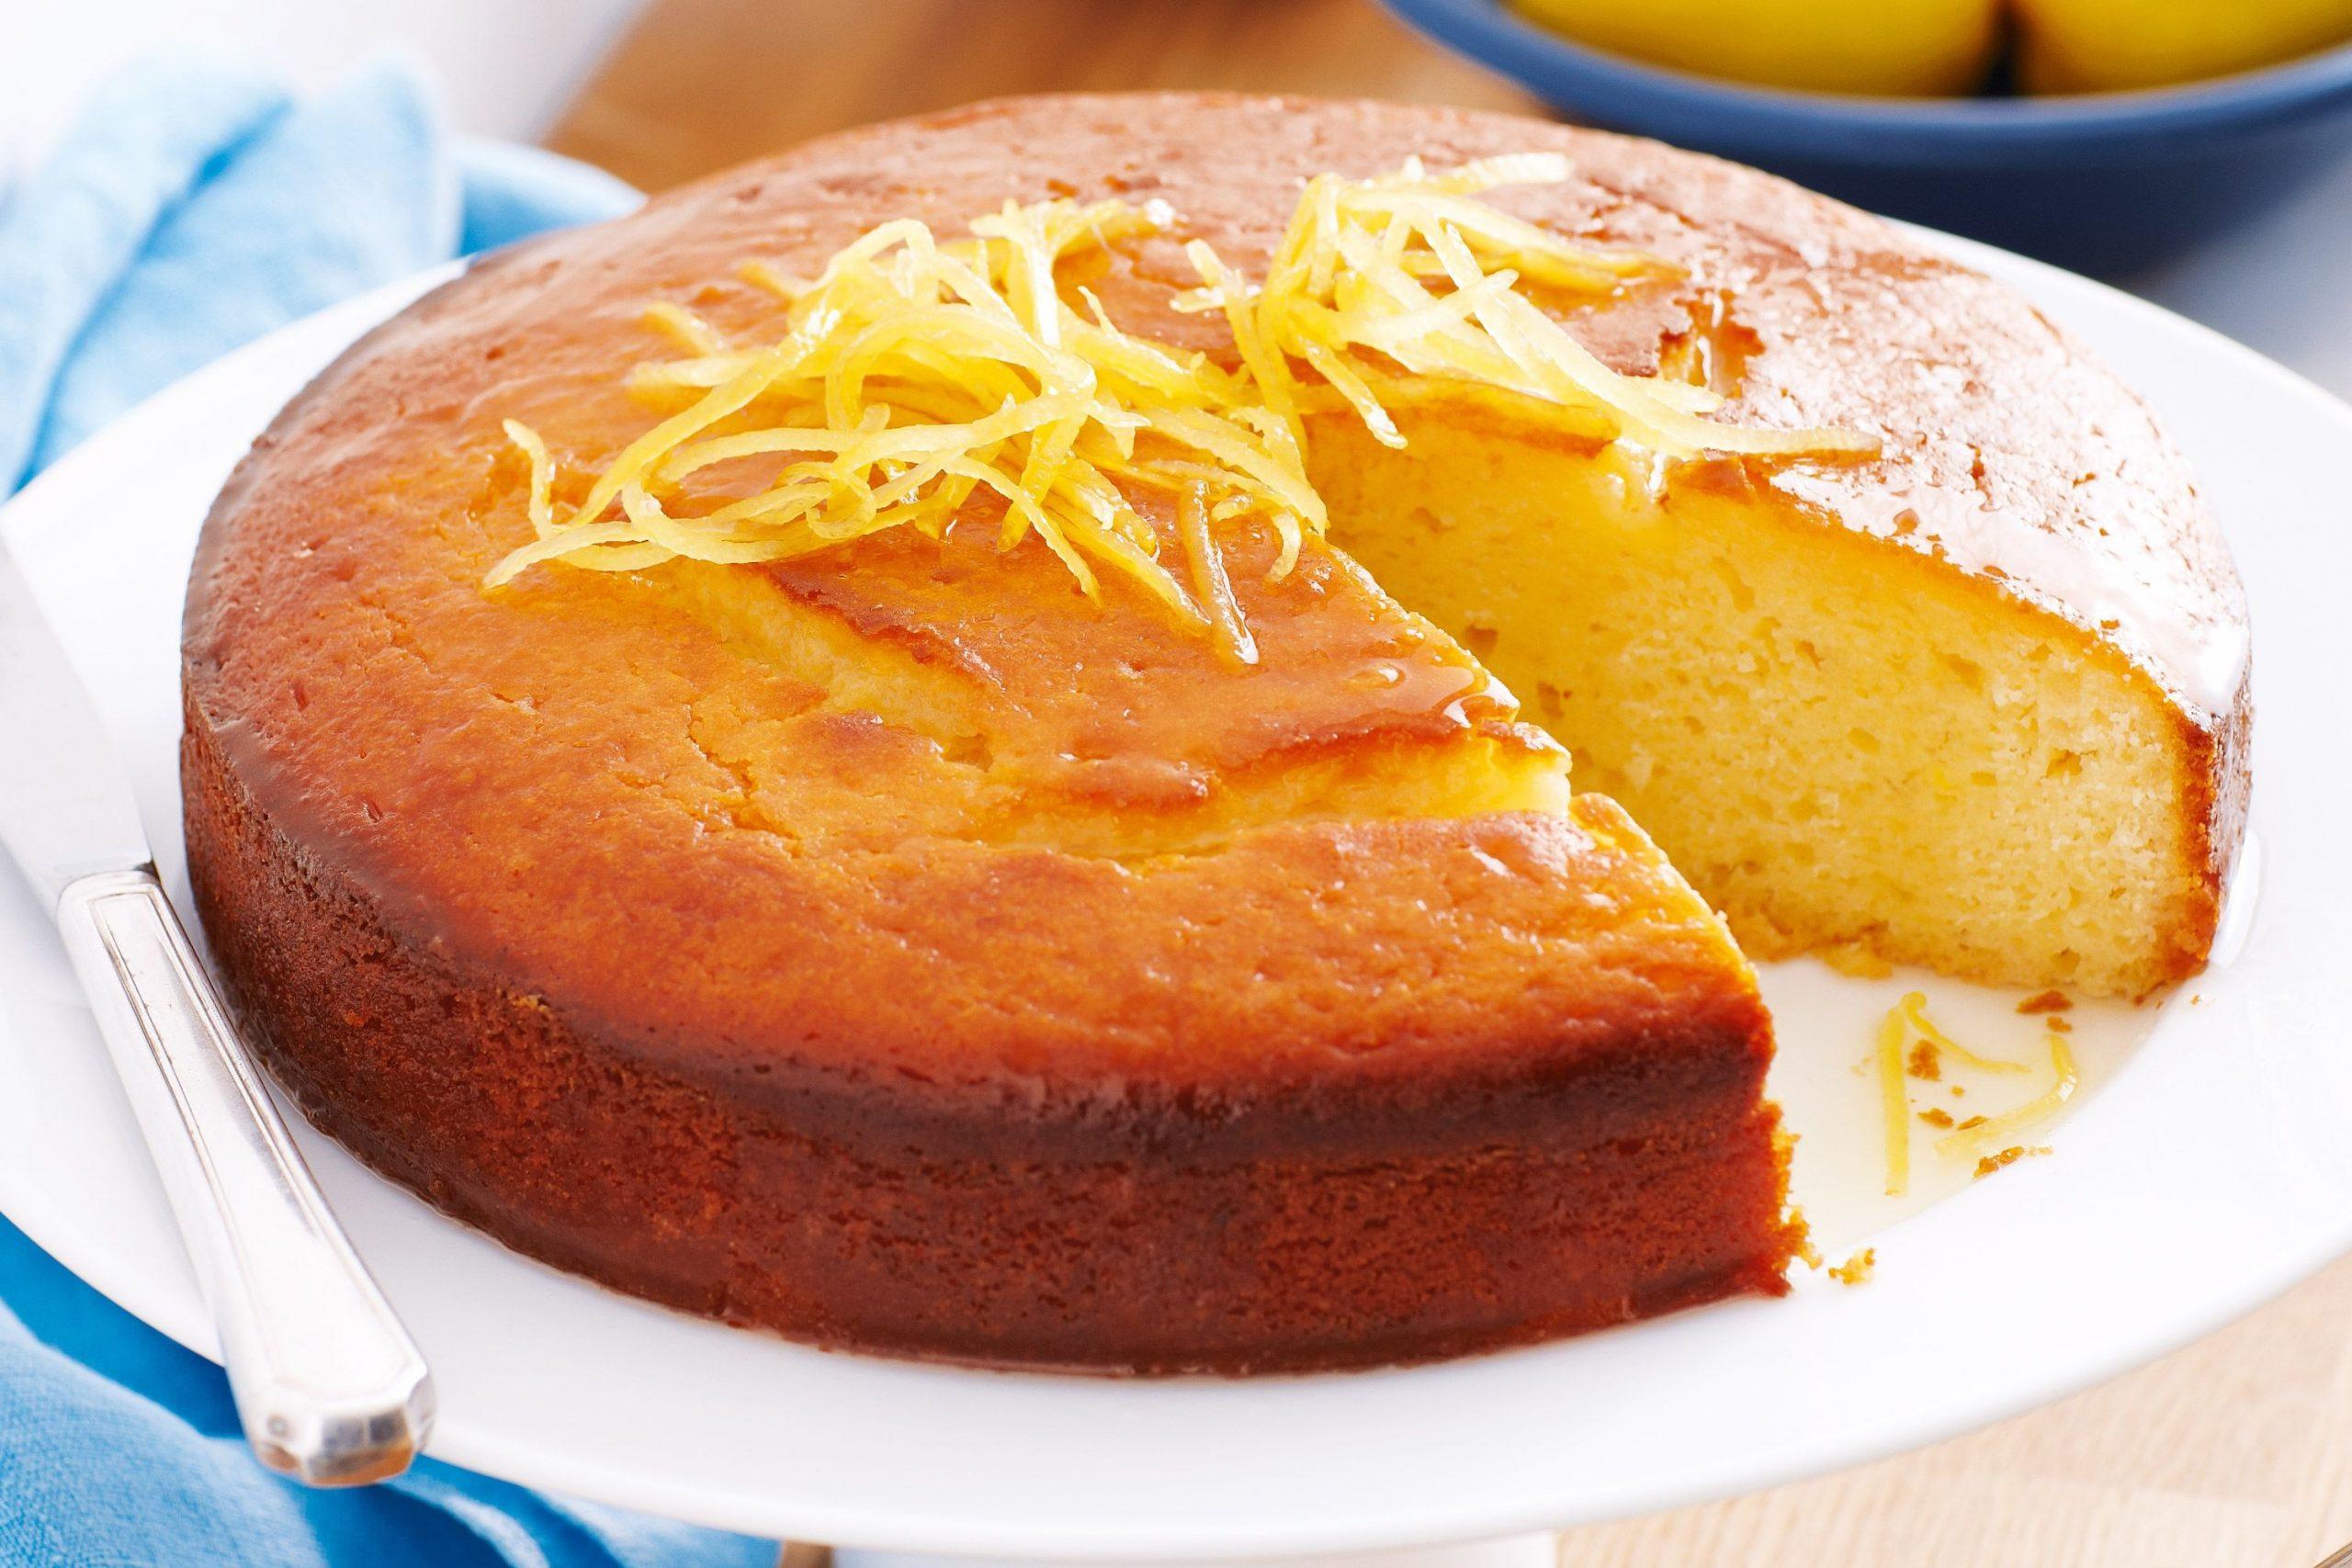 طريقة عمل كيكة البرتقال في المنزل بكل سهولة 1